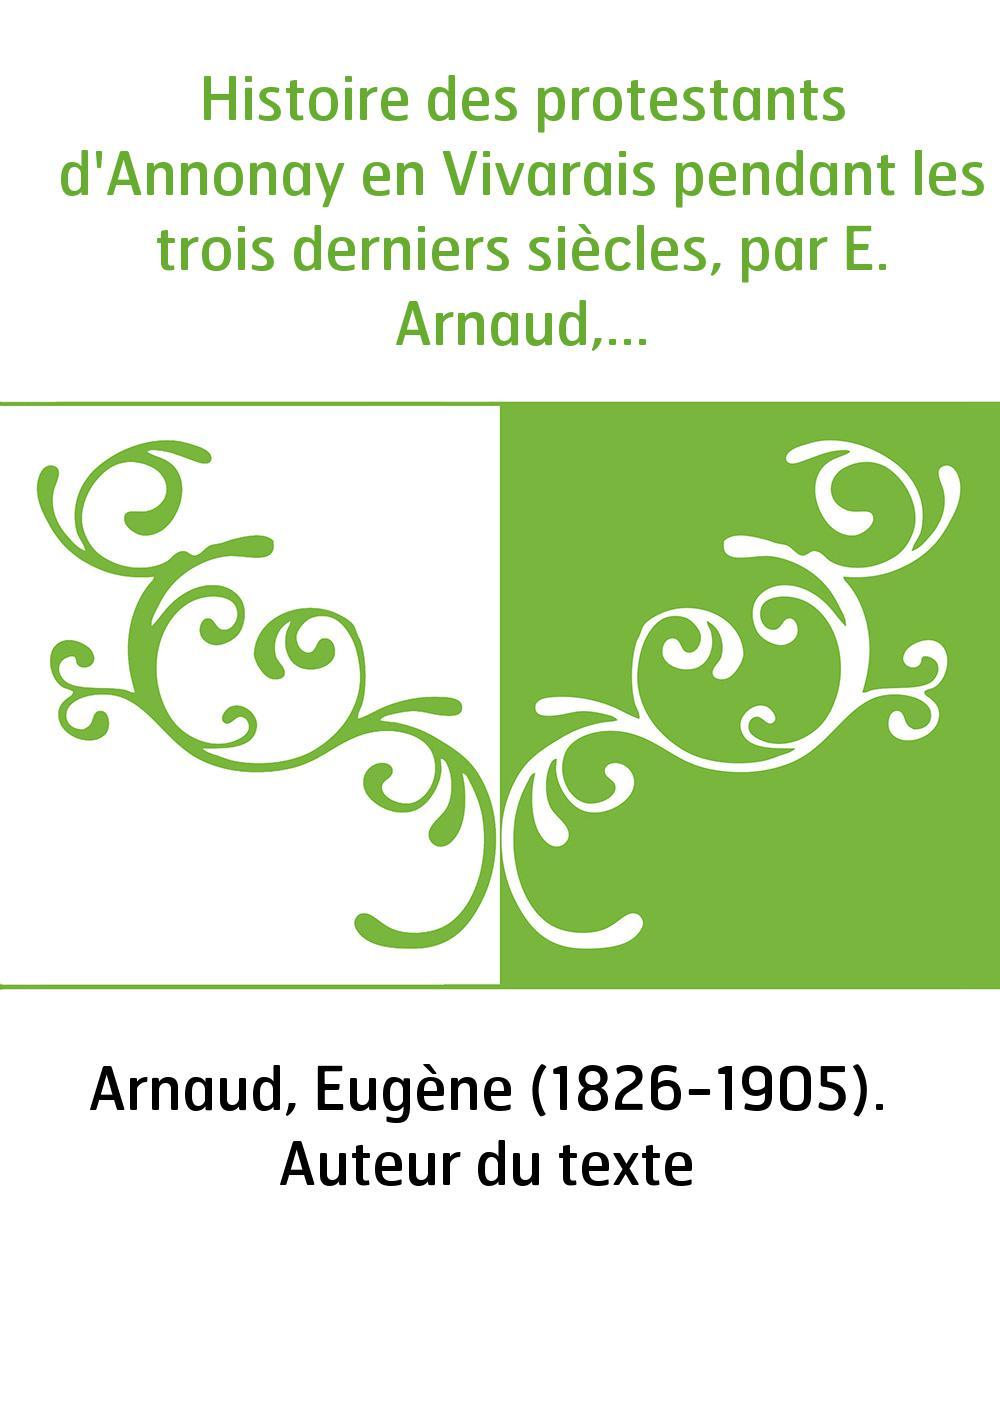 Histoire des protestants d'Annonay en Vivarais pendant les trois derniers siècles, par E. Arnaud,...